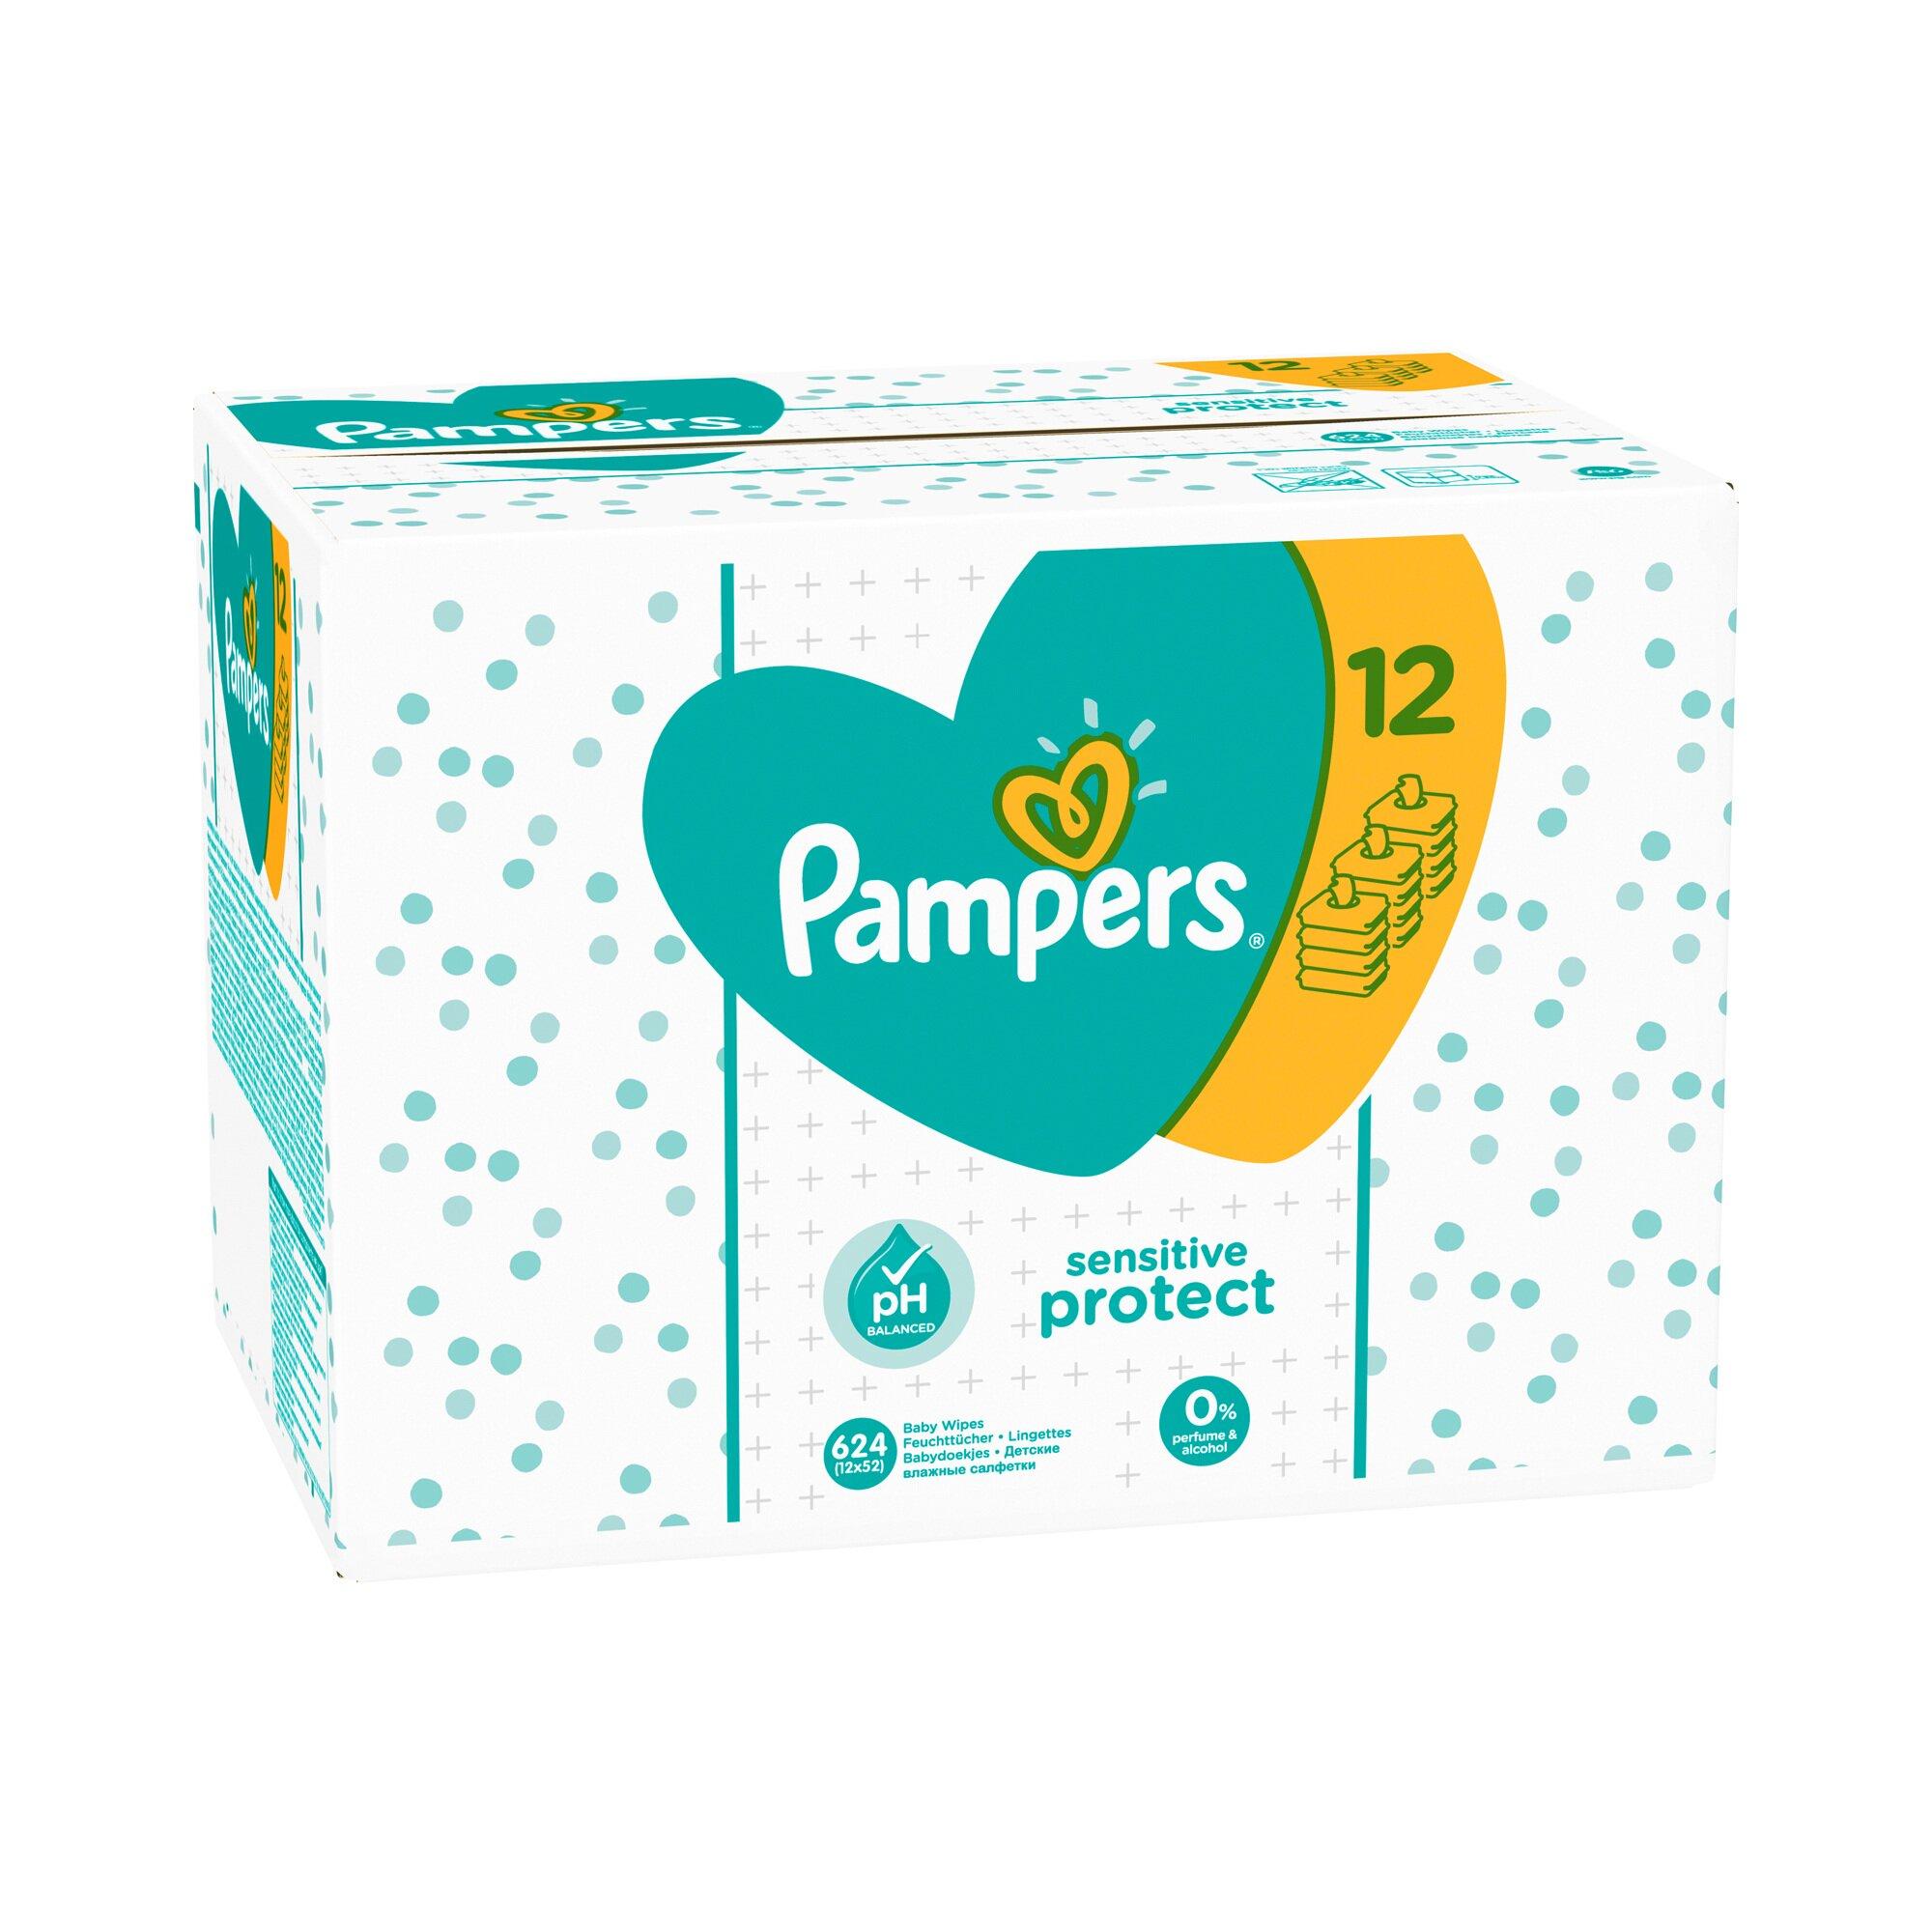 Pampers 12er-Pack Feuchttücher Sensitive, 624 Stück